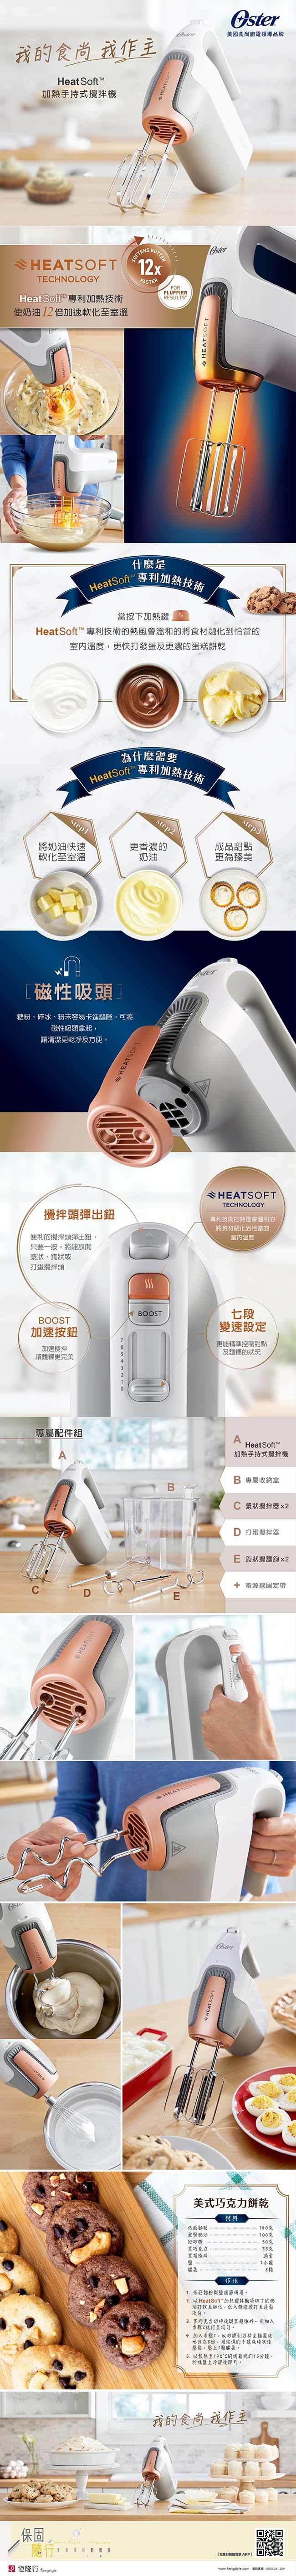 美國Oster-HeatSoft專利加熱手持式攪拌機 OHM7100